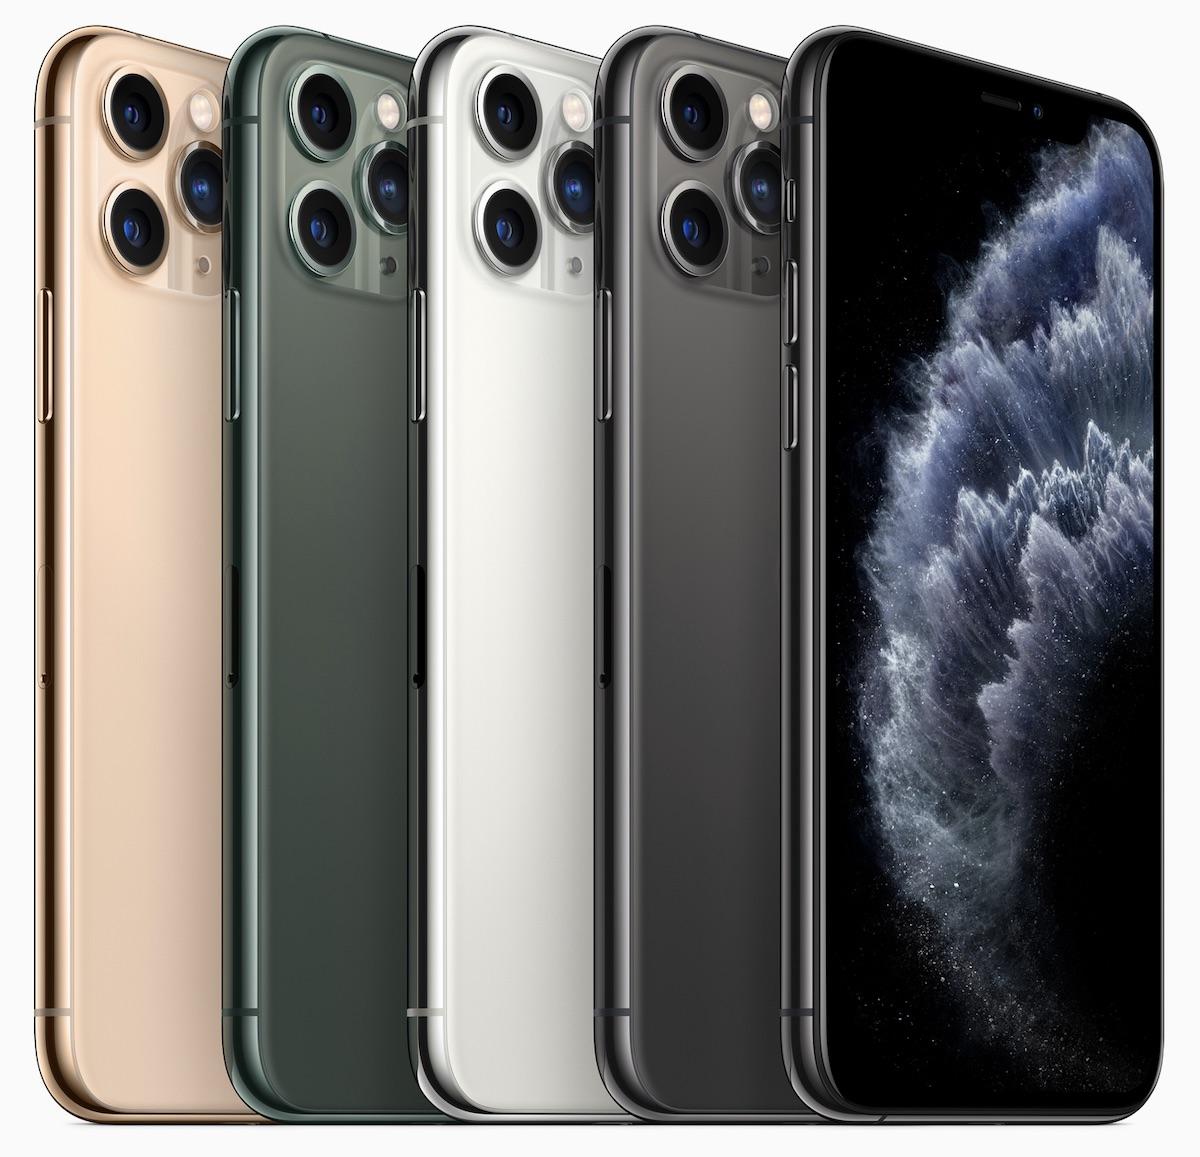 Il prezzo di iPhone 11 e iPhone 11 Pro in Italia - Macitynet.it